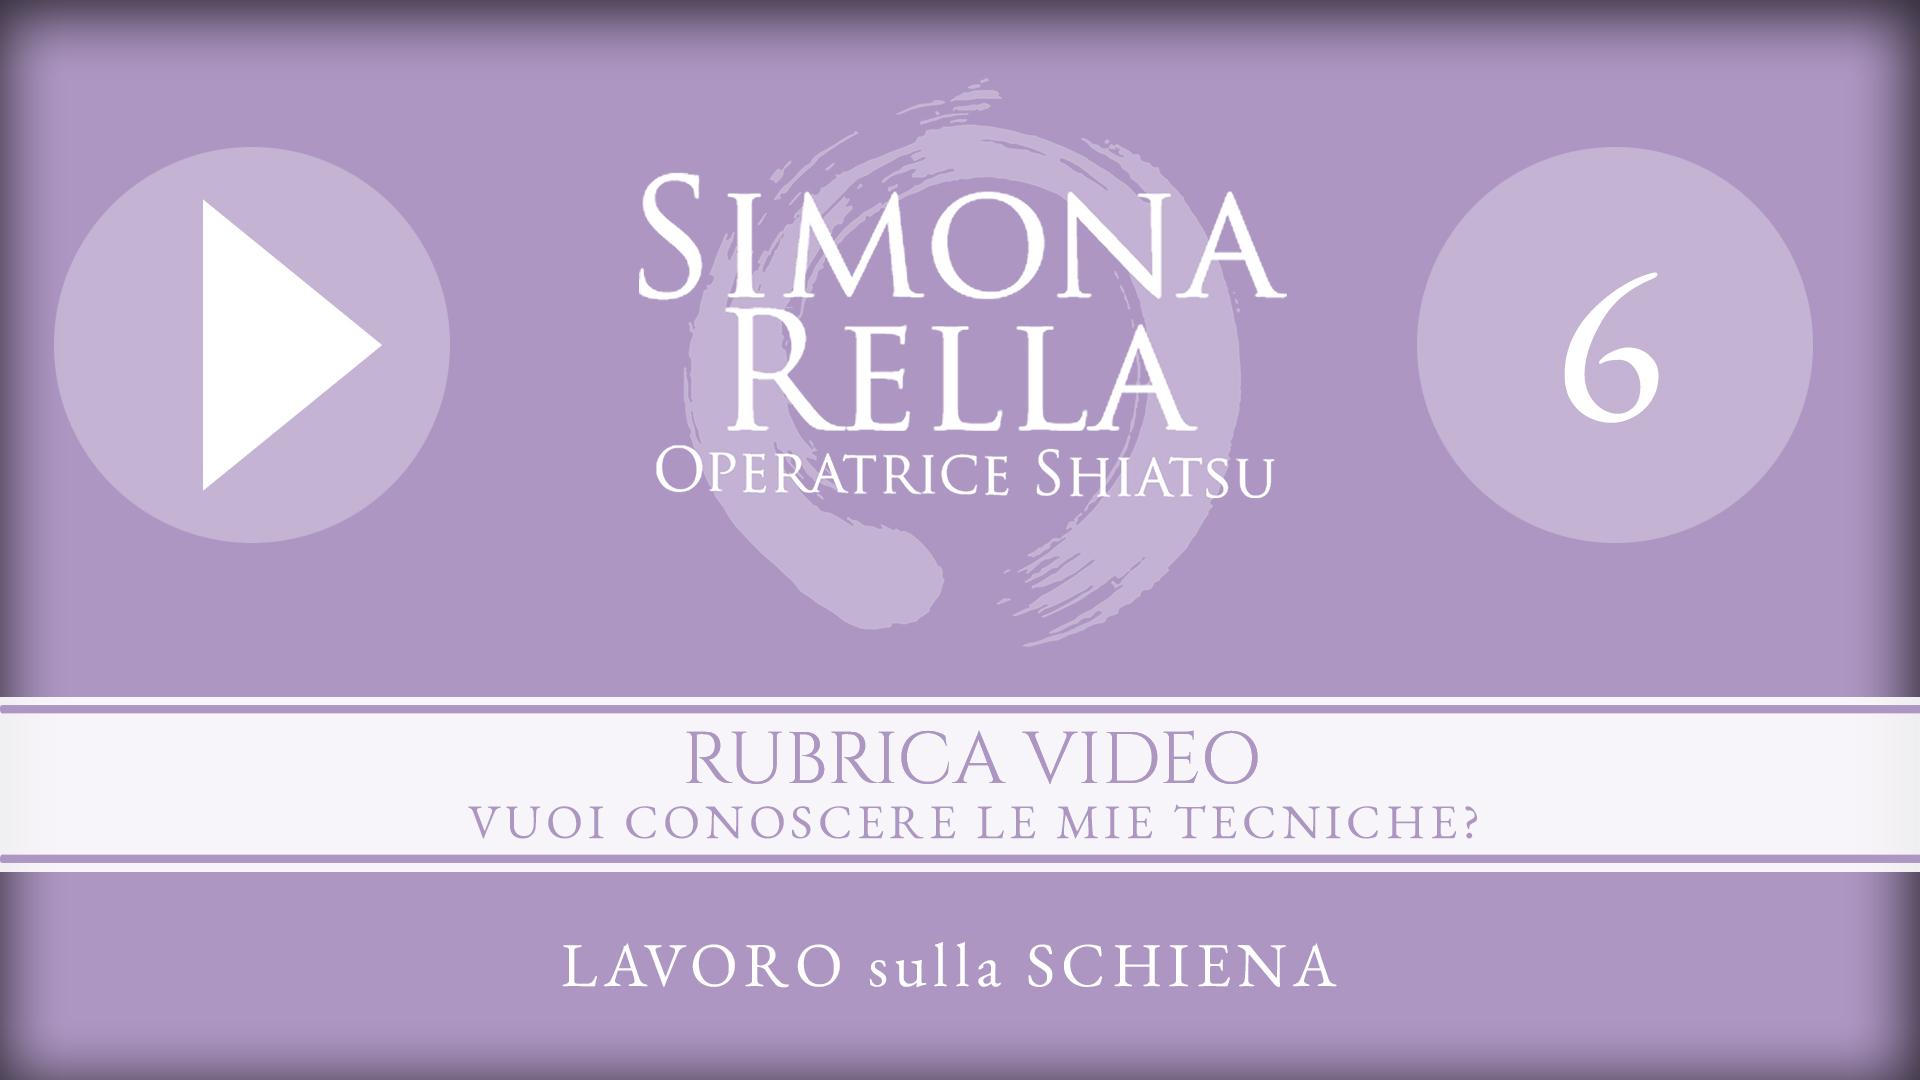 shiatsu__simona-rella__RUBRICA-VIDEO-6__LAVORO-sulla-SCHIENA__